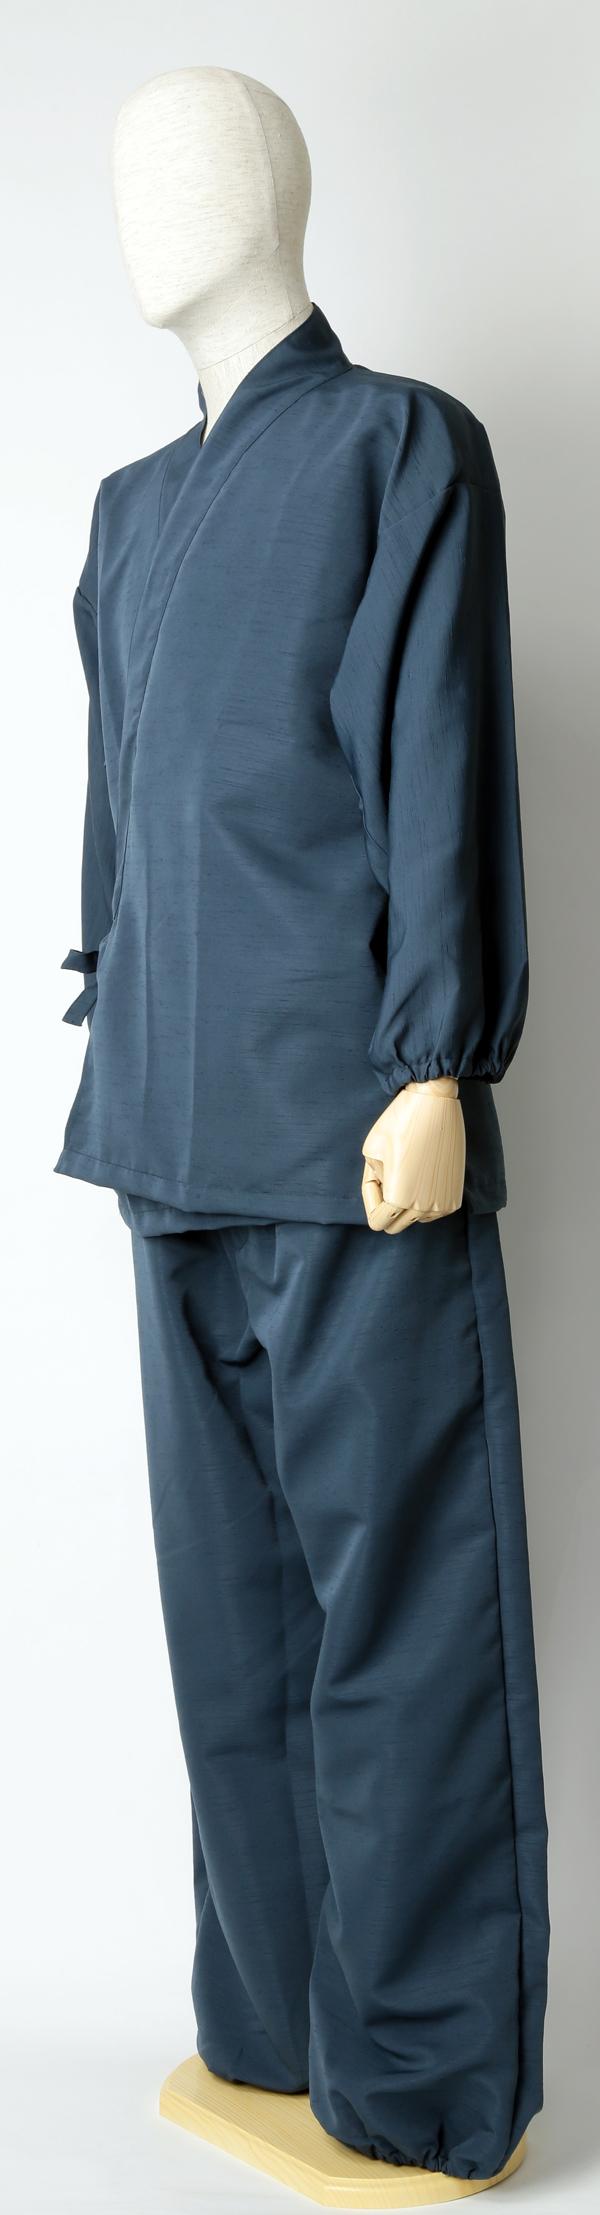 紬風織り仕立作務衣 紺色 側面